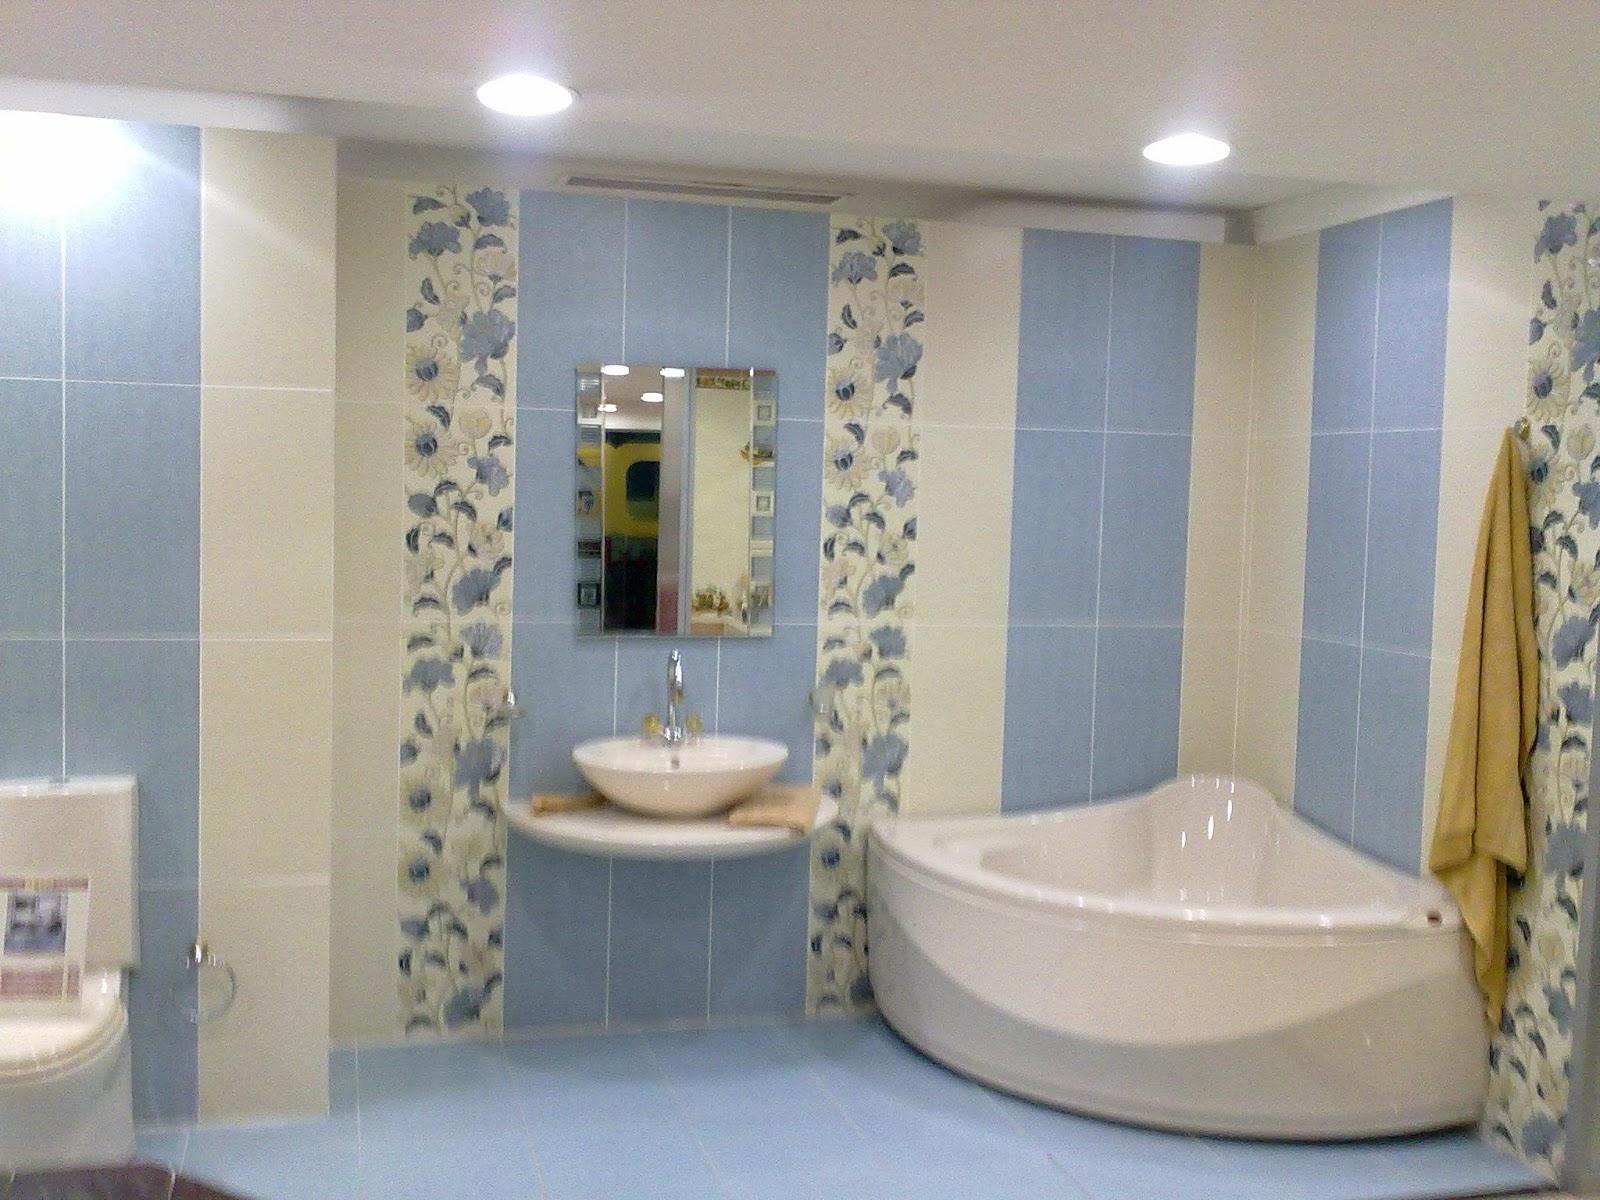 بالصور اشكال سيراميك حمامات , شاهد اجمل رسومات والوان السيراميك 6552 7